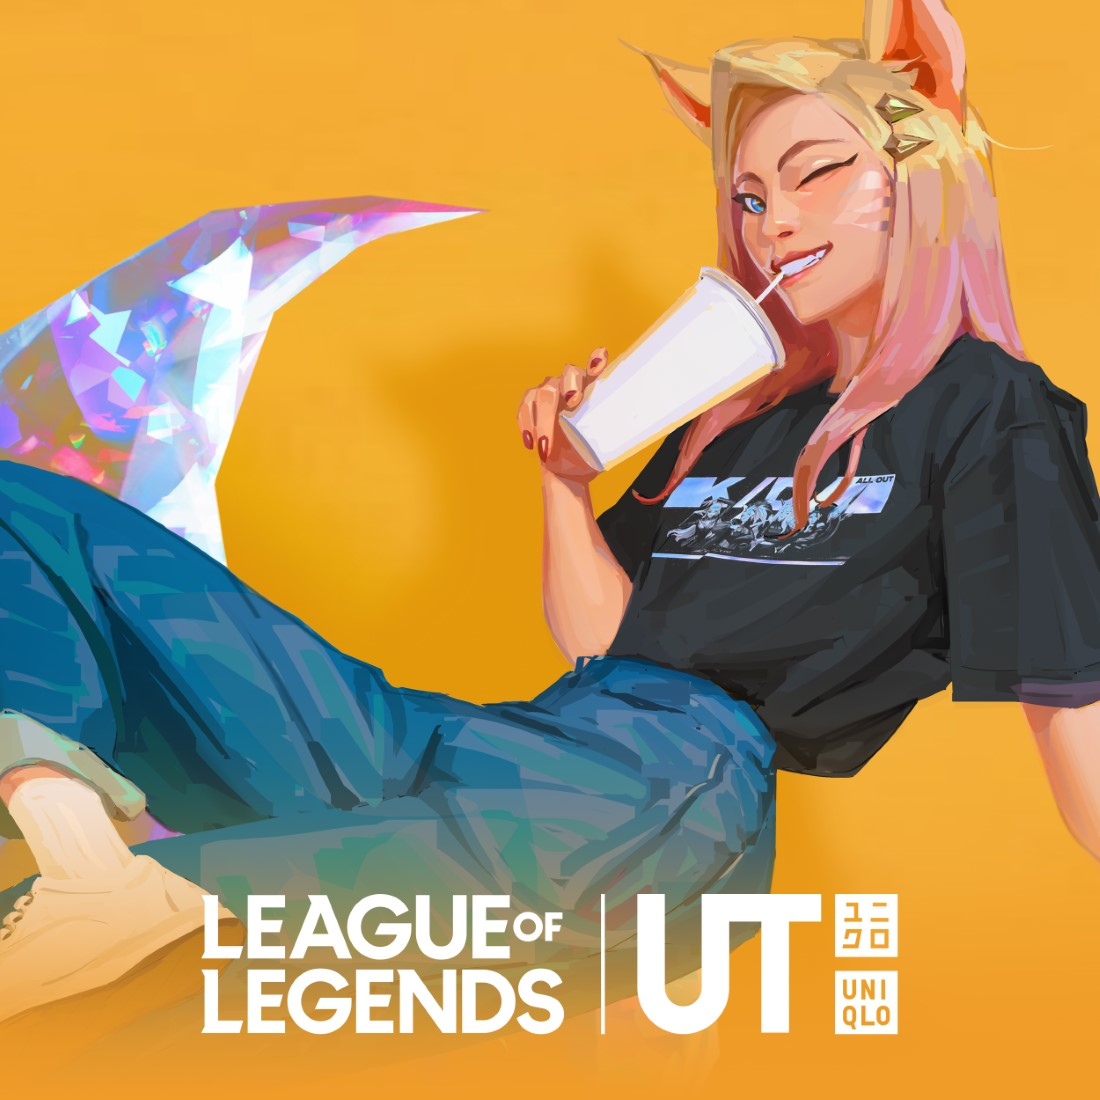 UNIQLO x Riot Games x League of Legends